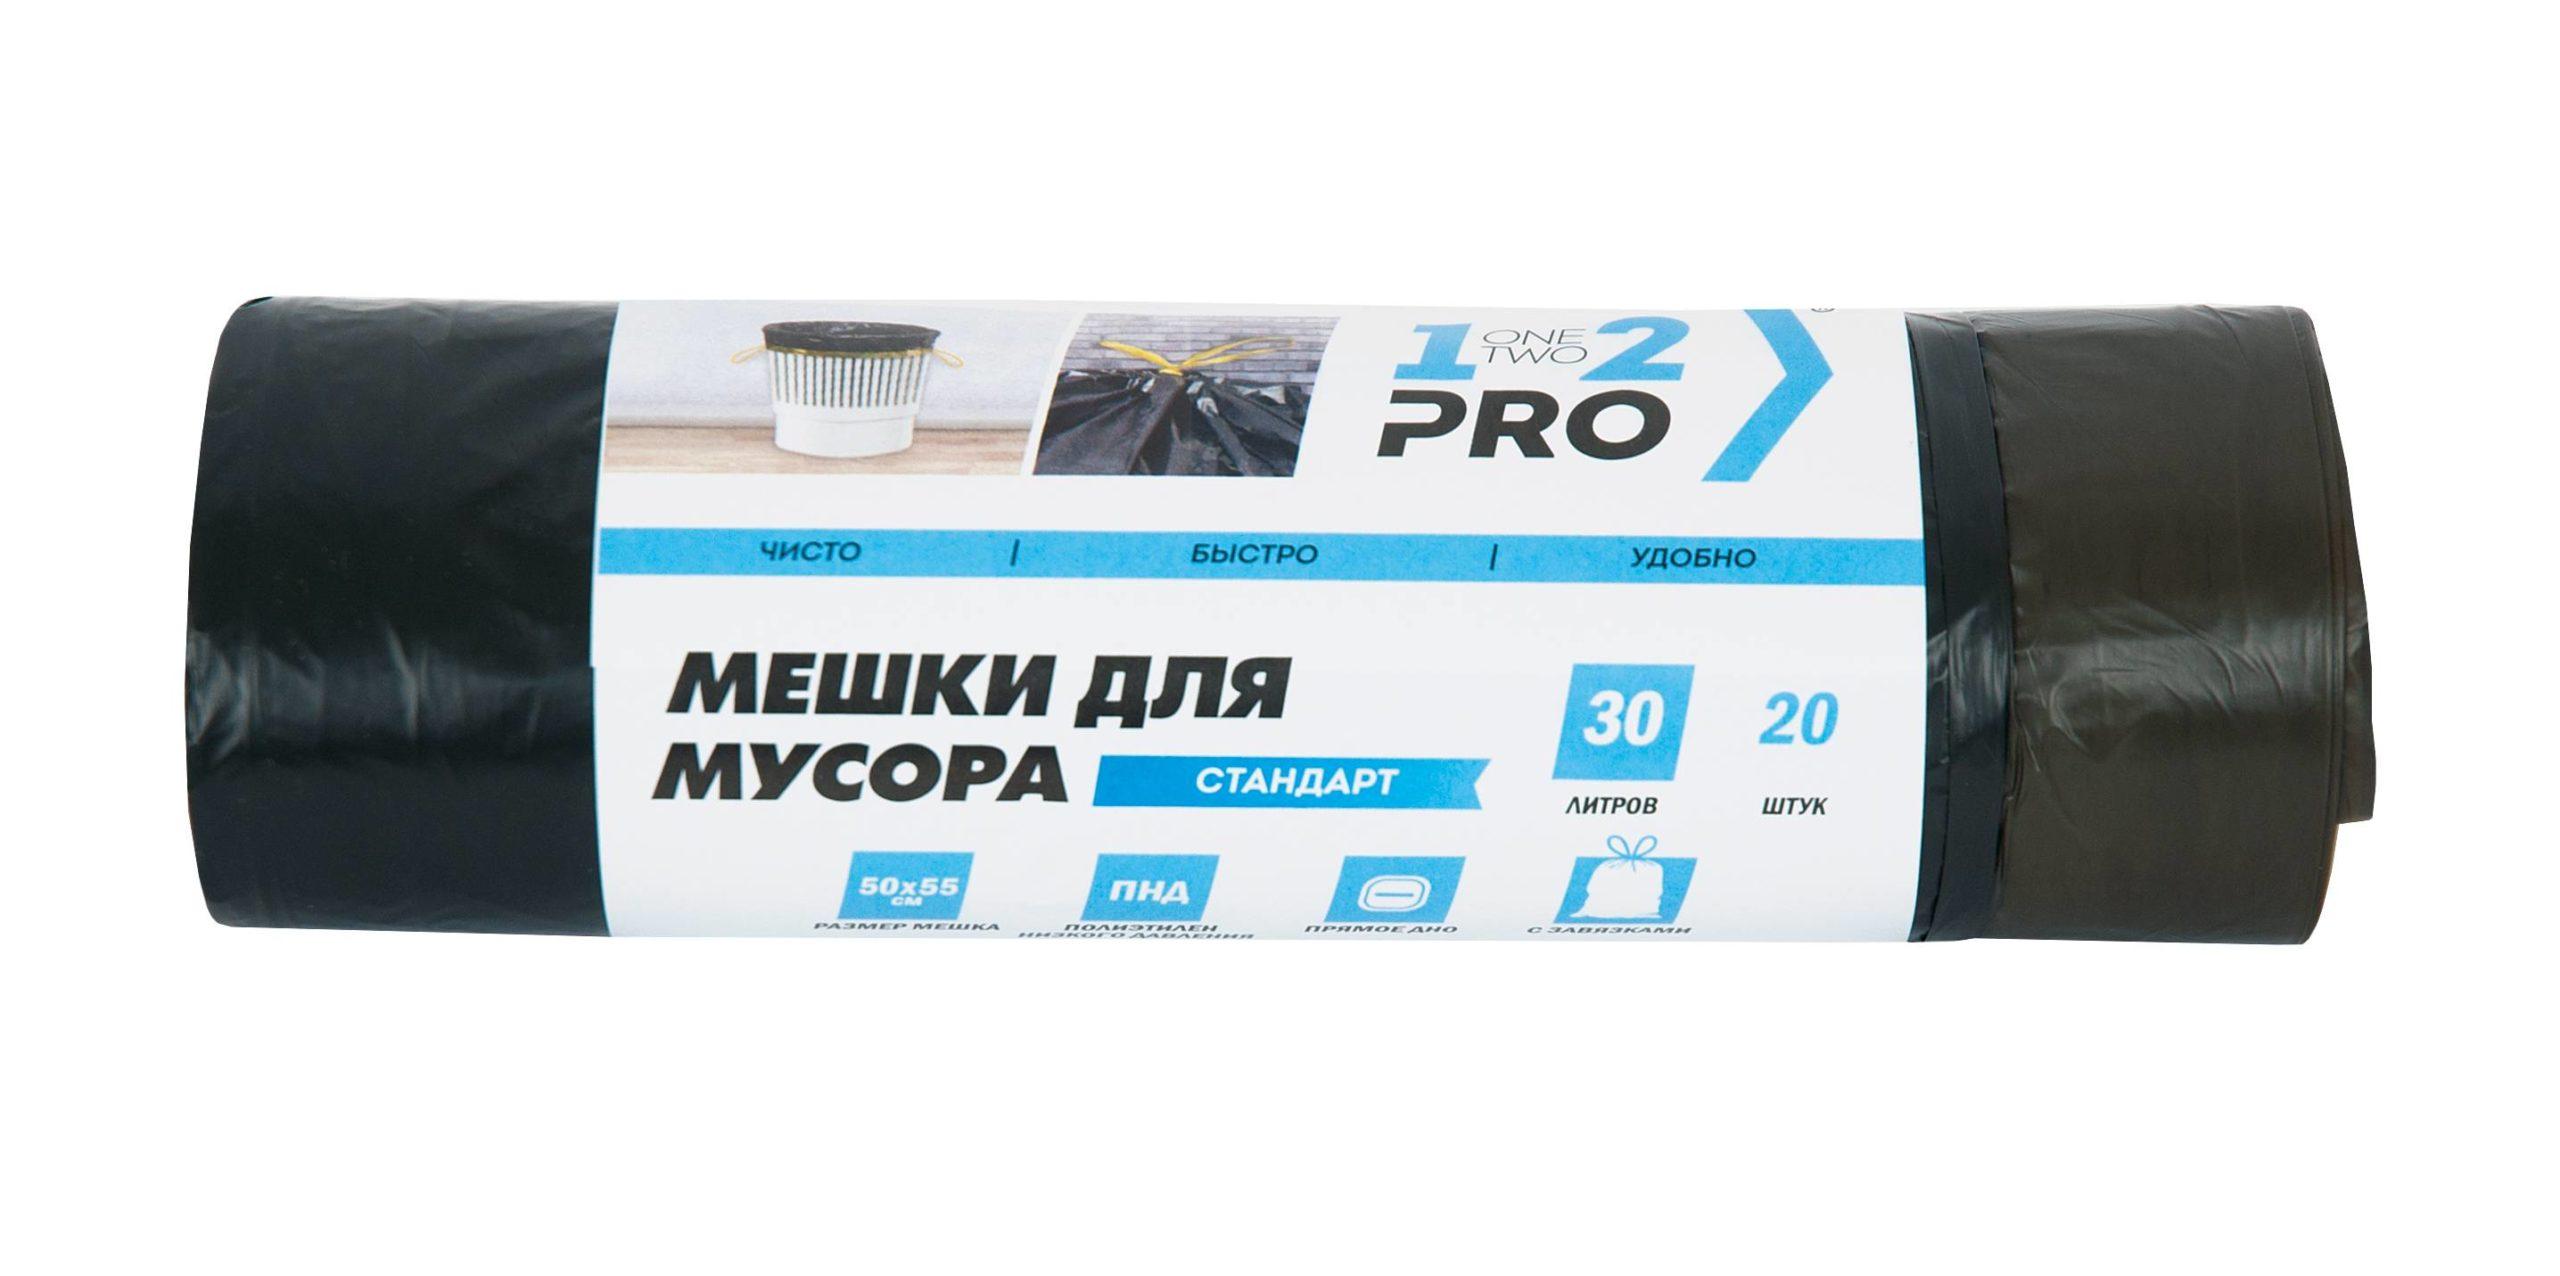 Мешки для мусора 1-2-Pro с завязками, 30 литров, 20 штук черные